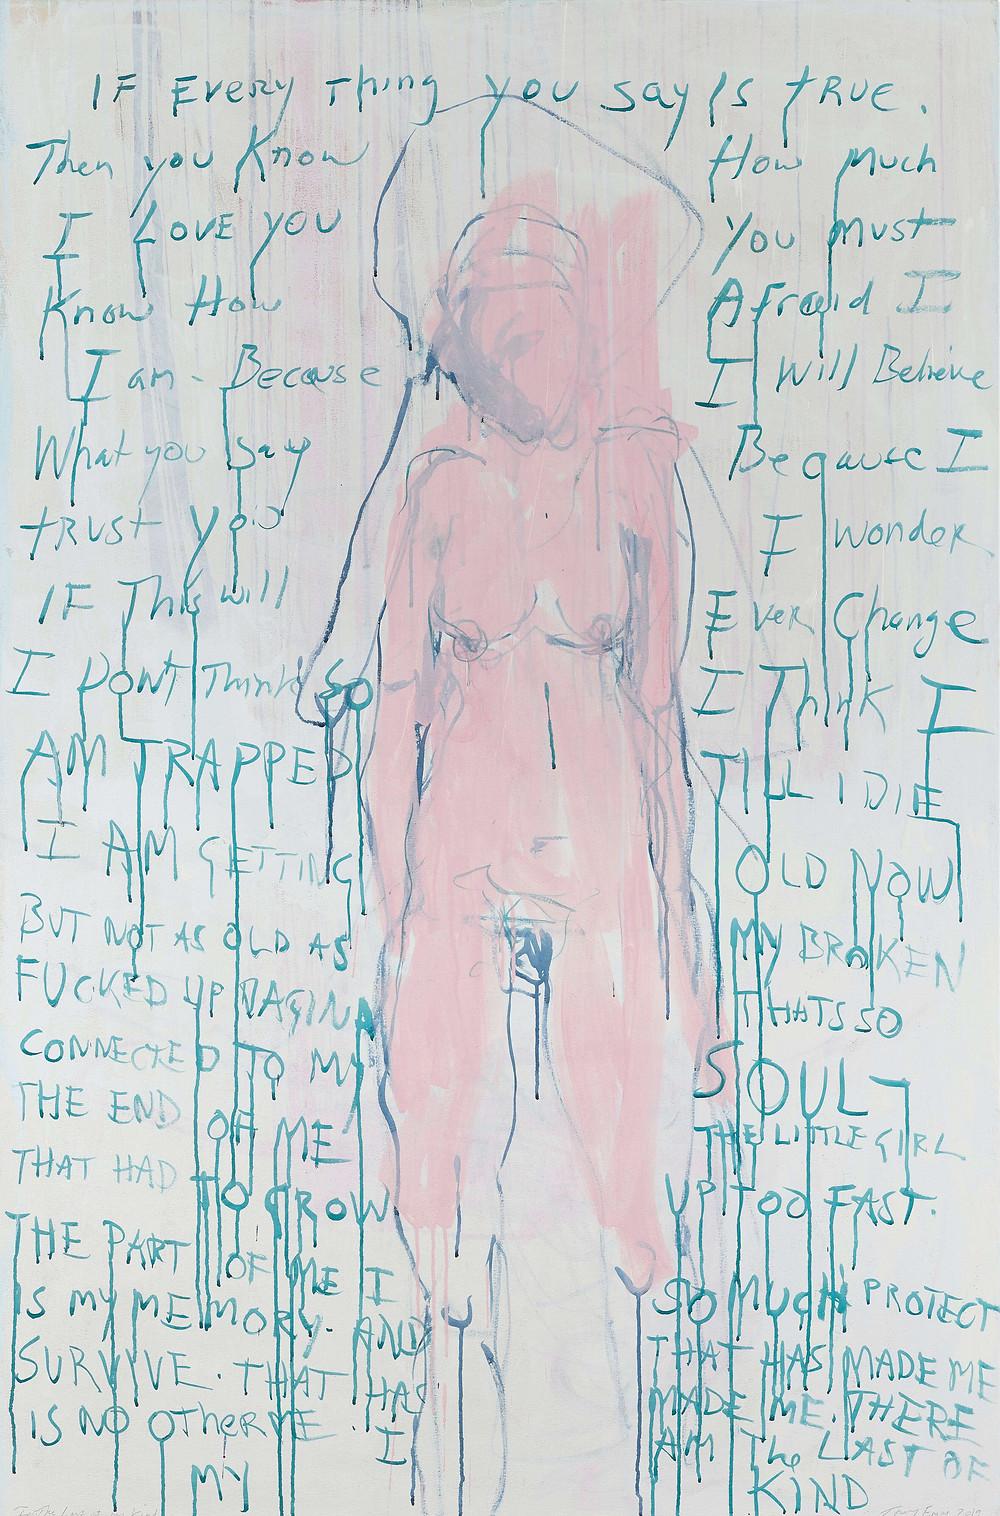 תערוכת אמנות של טרייסי אמין ואדוורד מונק בלונדון